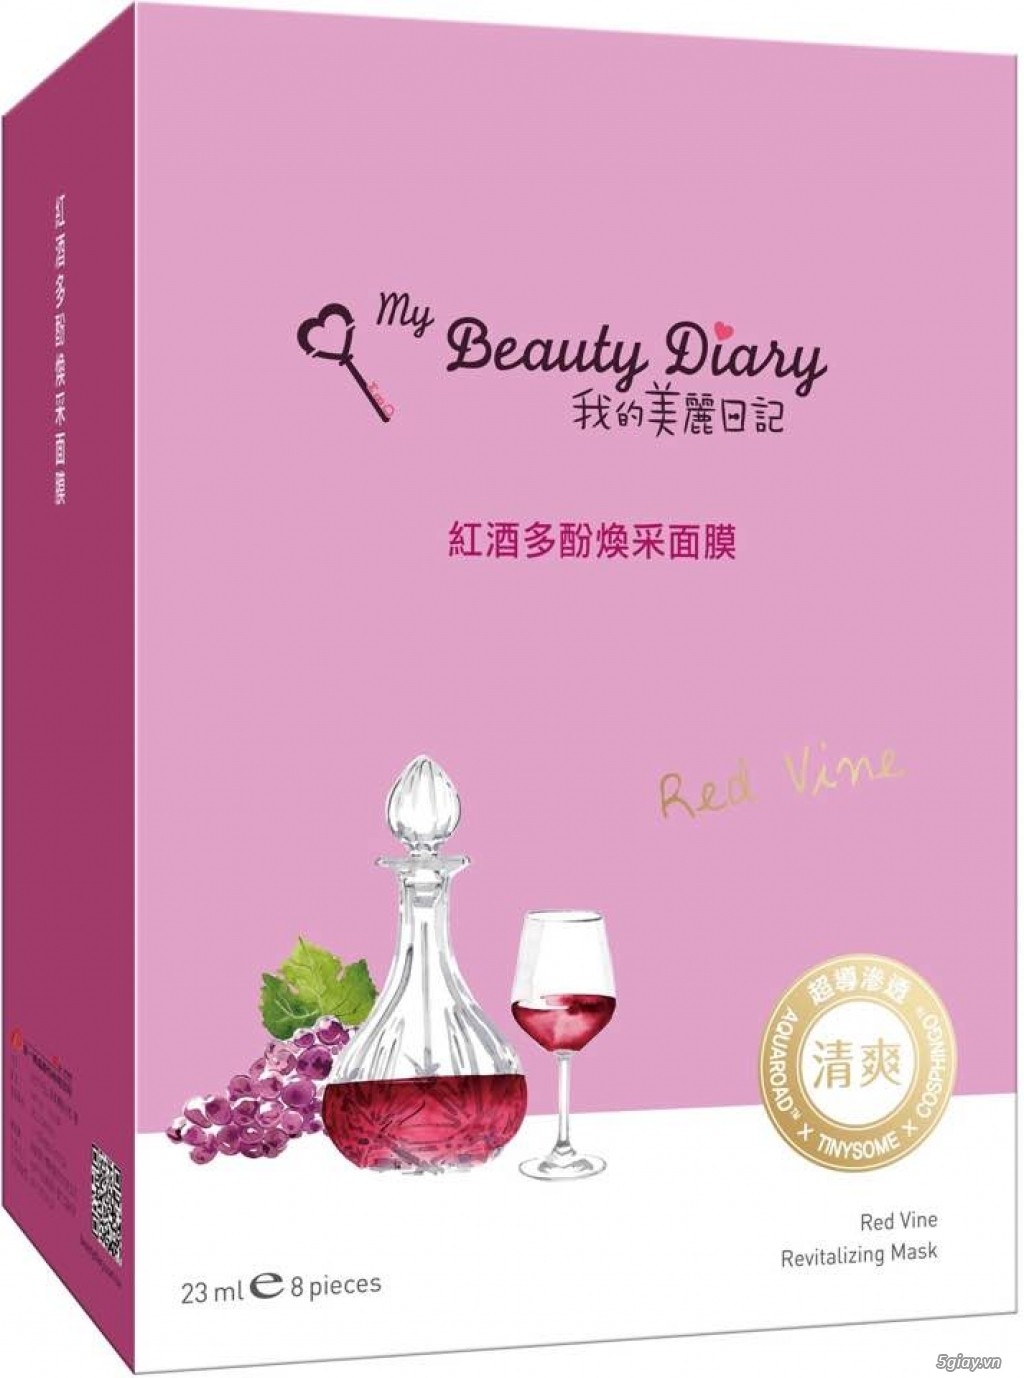 Phân phối sỉ, lẻ mặt nạ My Beauty Diary bán chạy số 1 tại Sing, Malay, Hongkong - 1